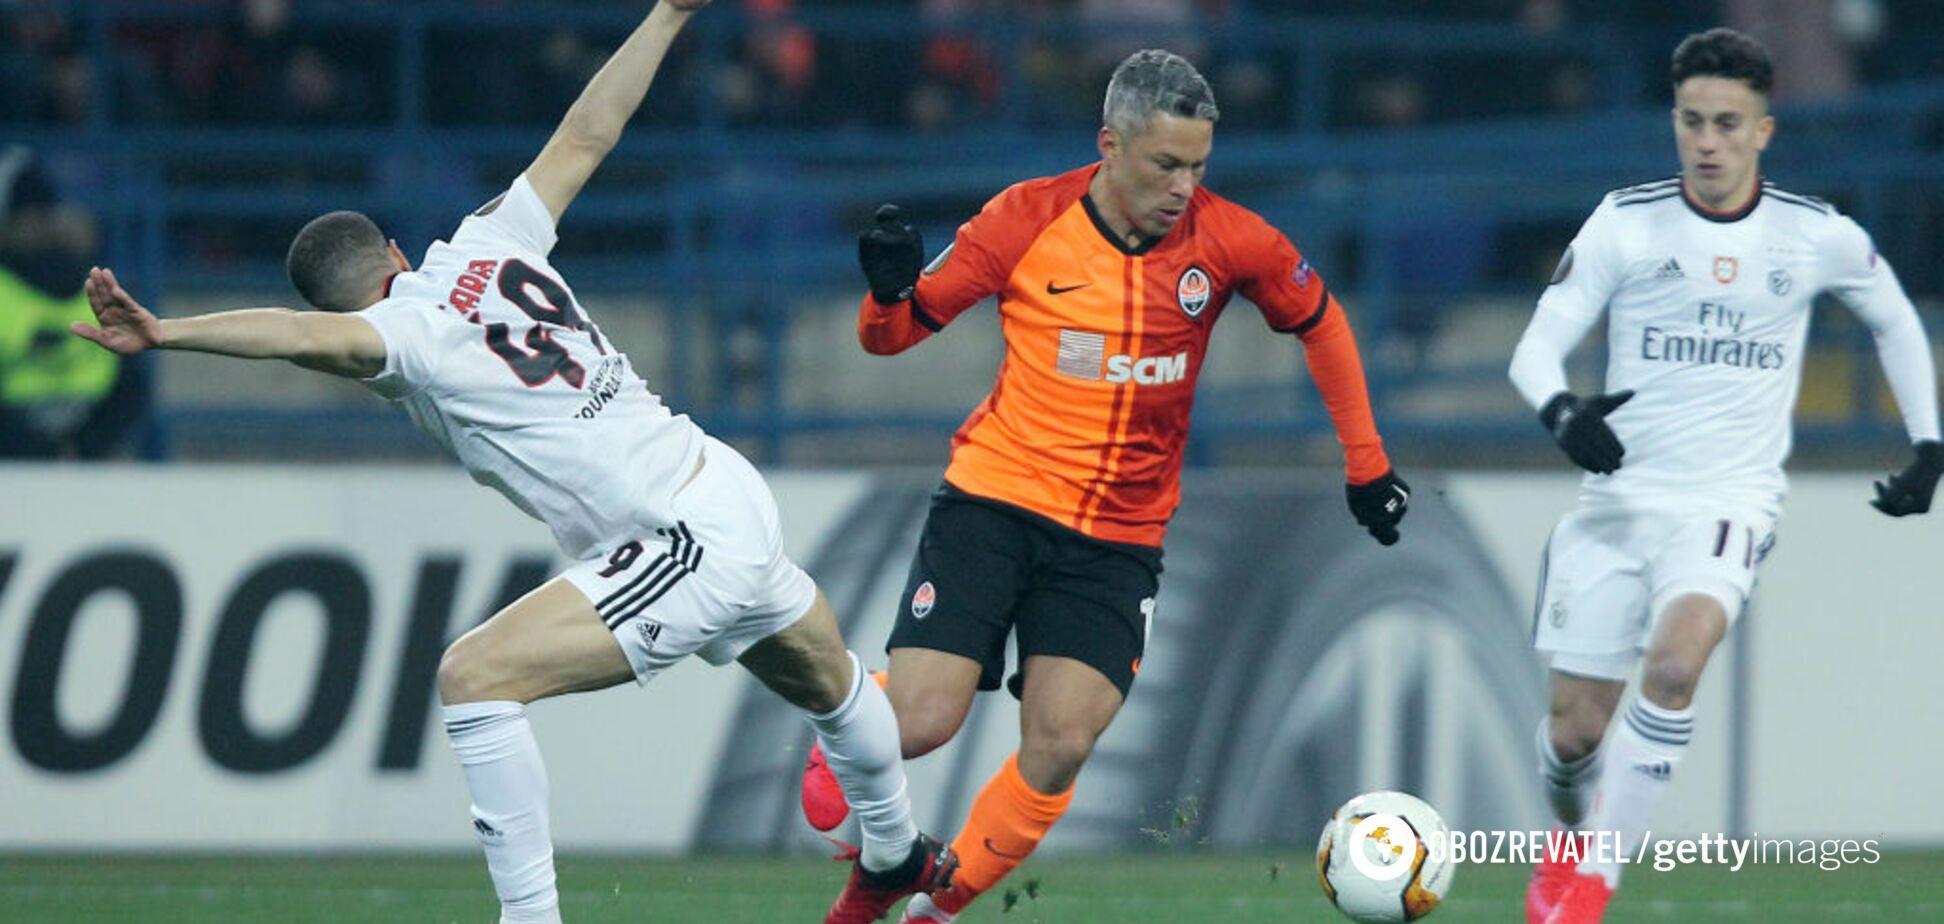 'Шахтер' обыграл 'Бенфику' в историческом матче Лиги Европы